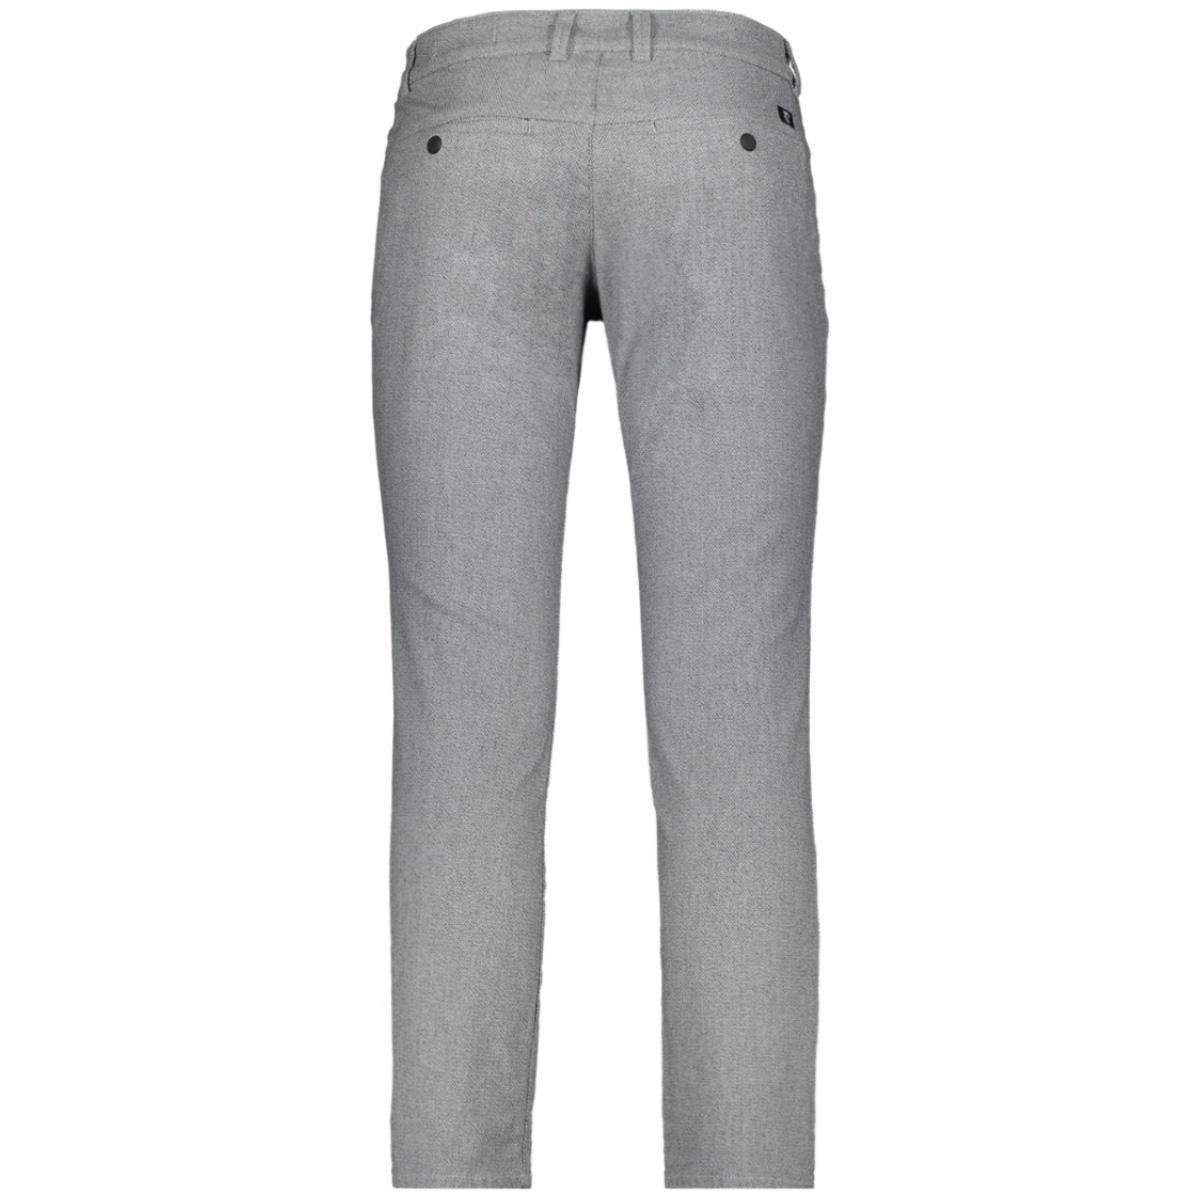 chino broek met karabijnhaak 1014634xx12 tom tailor broek 20322